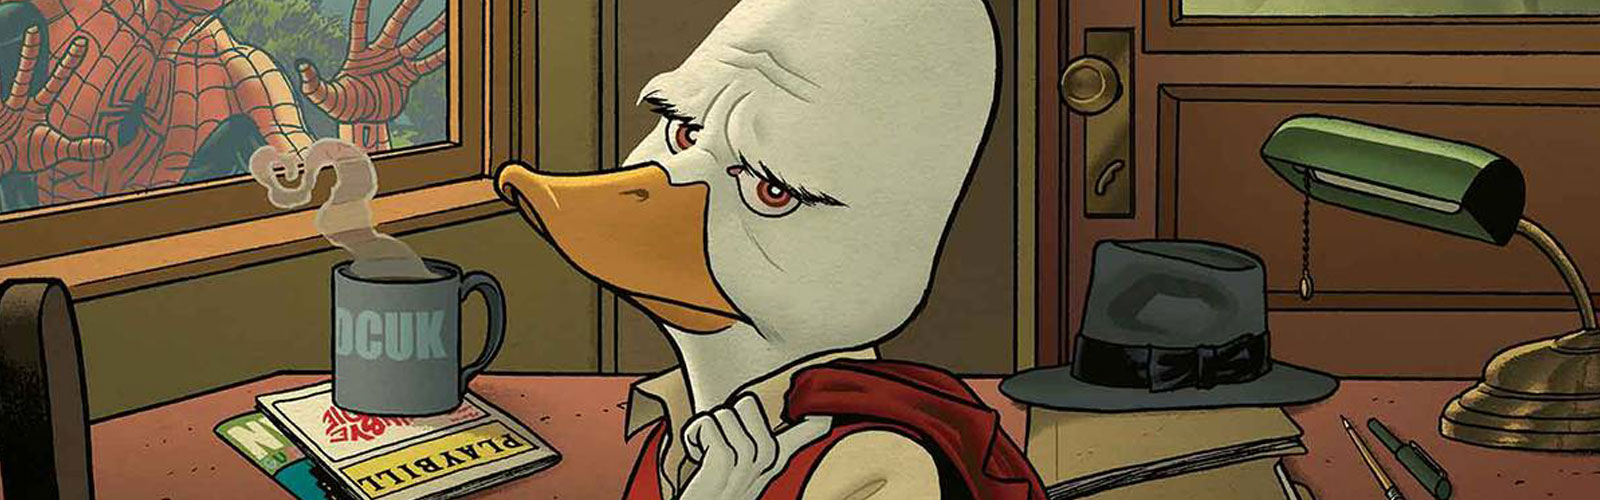 Illuminations 2015 01 - Howard The Duck